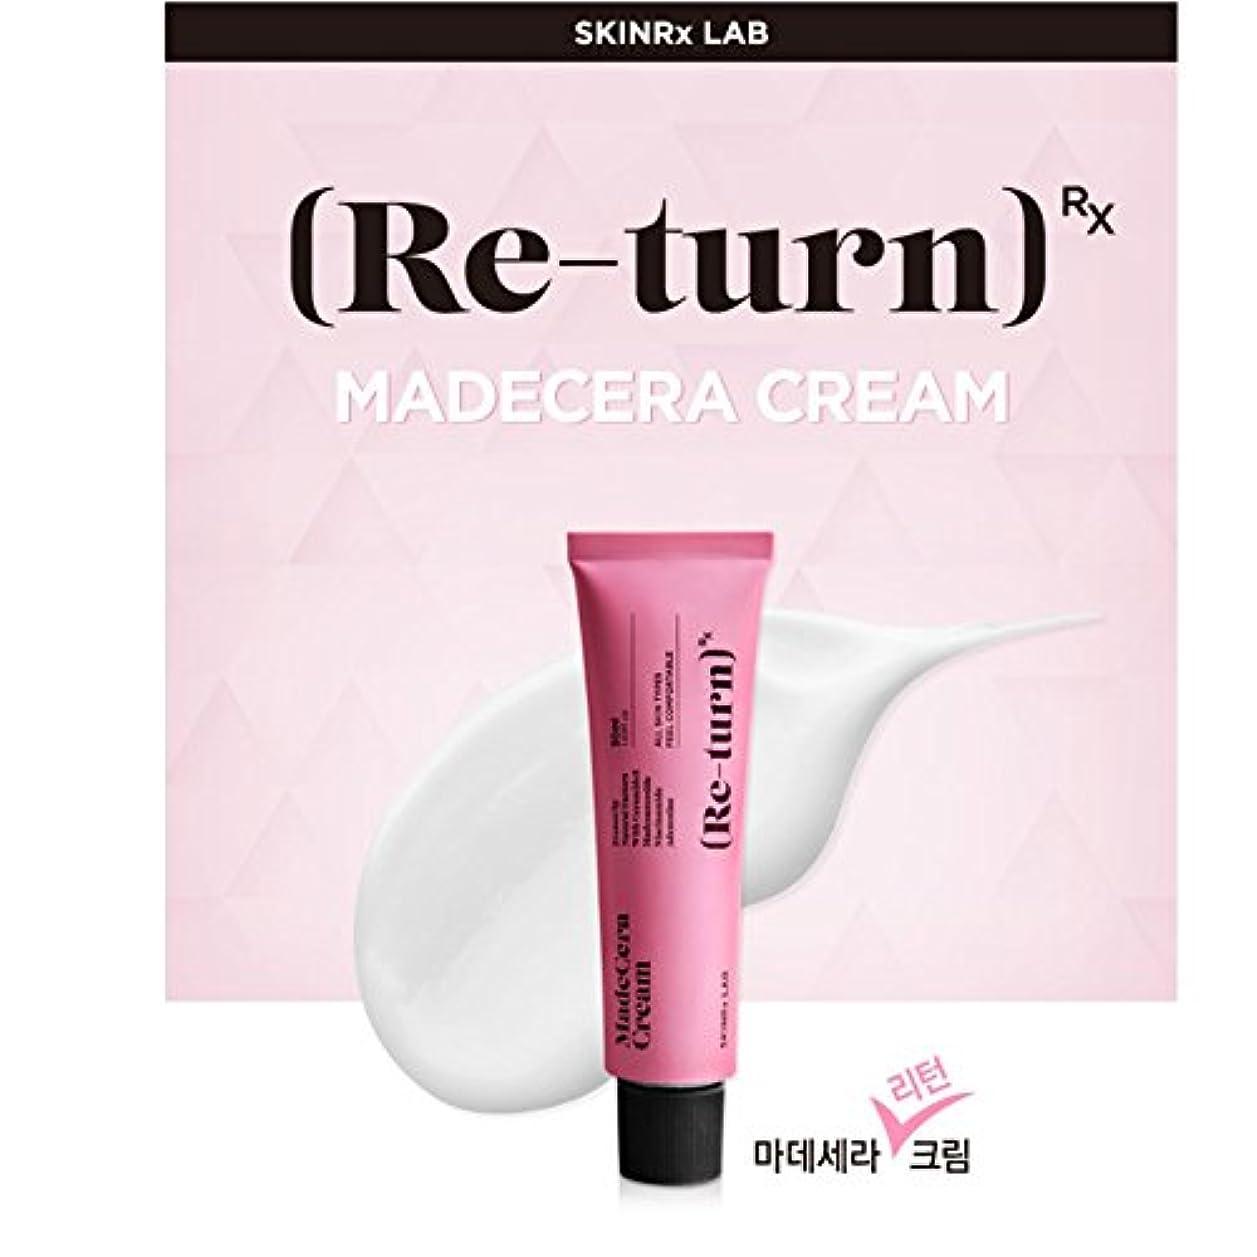 原告広まった経歴スキンアルエクスラップ マデセラ リターン クリーム 50ml / SKINRxLAB MadeCera Re-turn Cream 50ml (1.69oz)